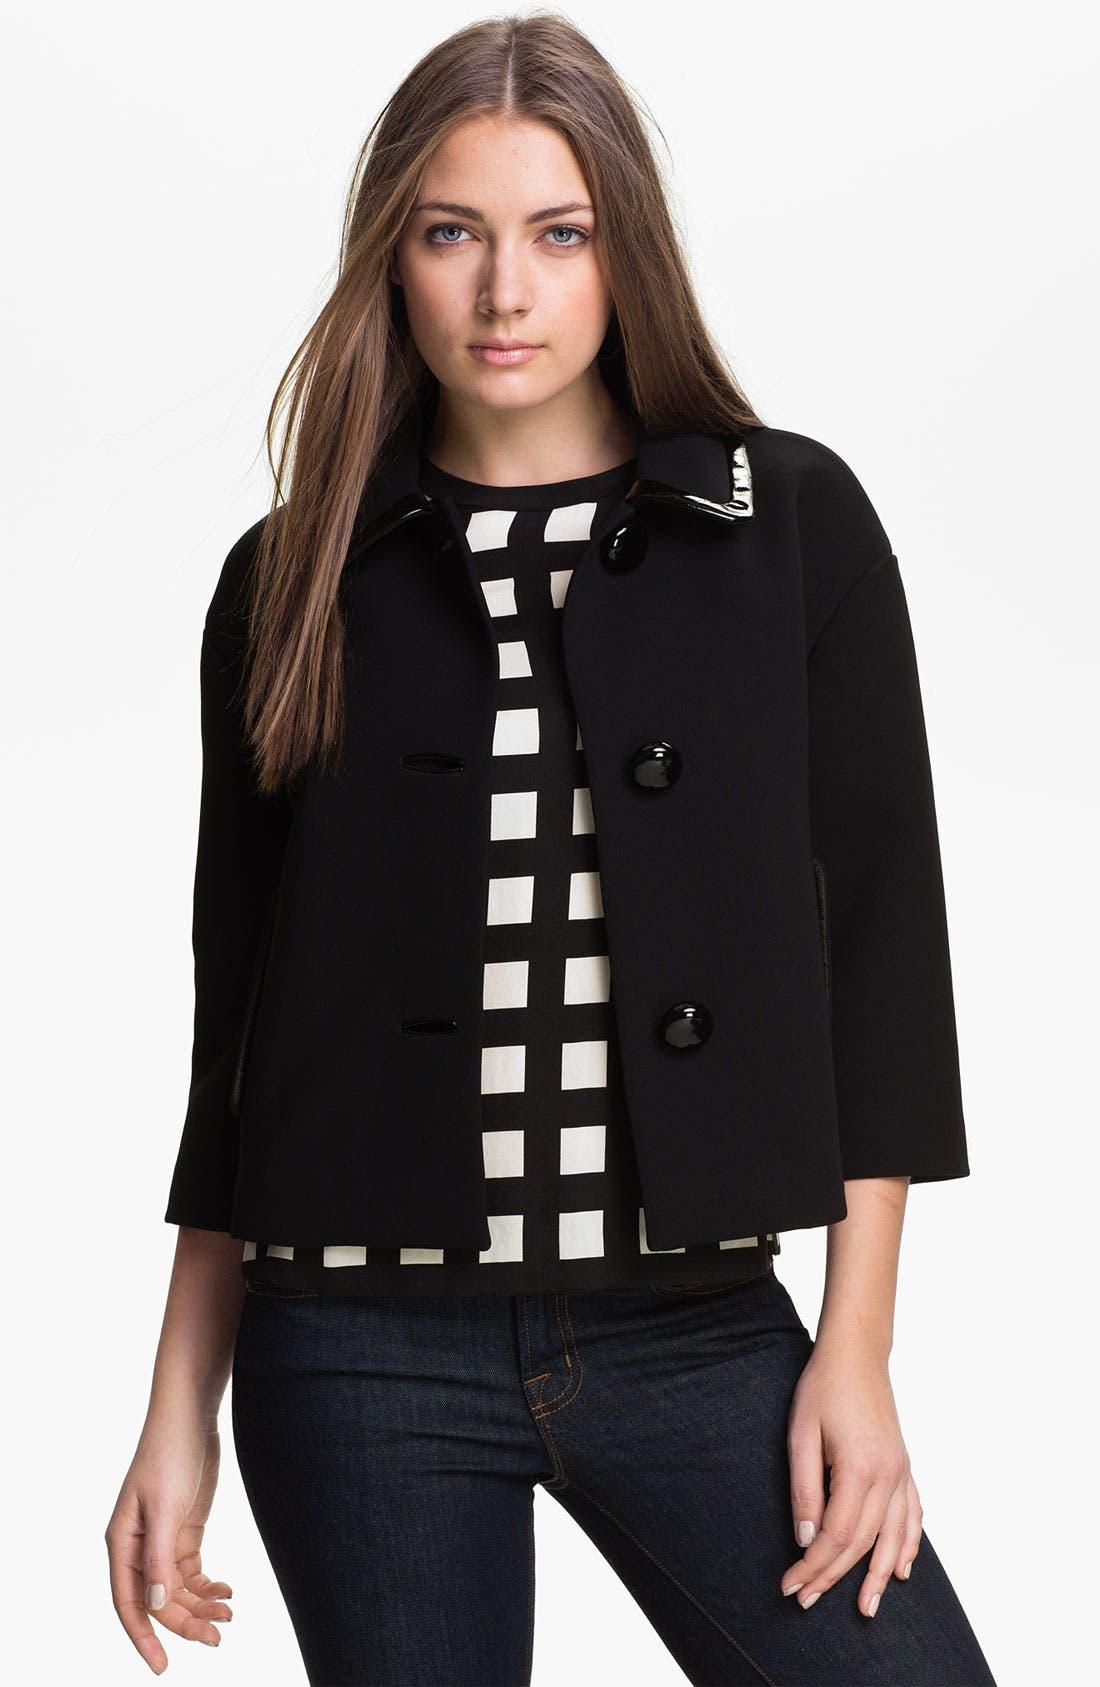 Alternate Image 1 Selected - kate spade new york 'ellie' crop jacket